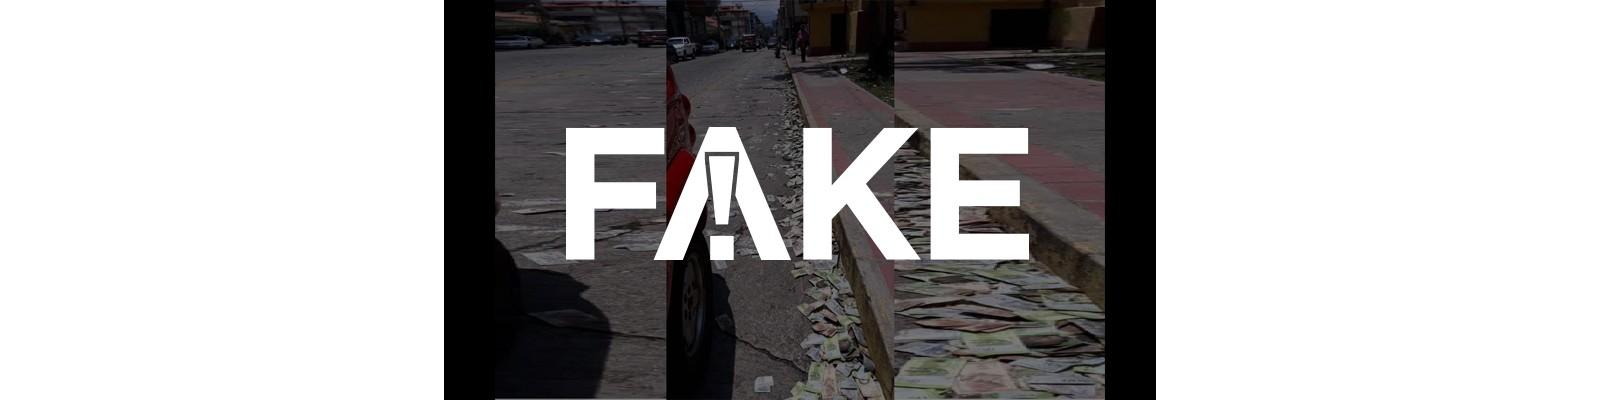 E #FAKE que foto mostre dinheiro jogado no meio da rua na Itália em meio à pandemia do coronavírus